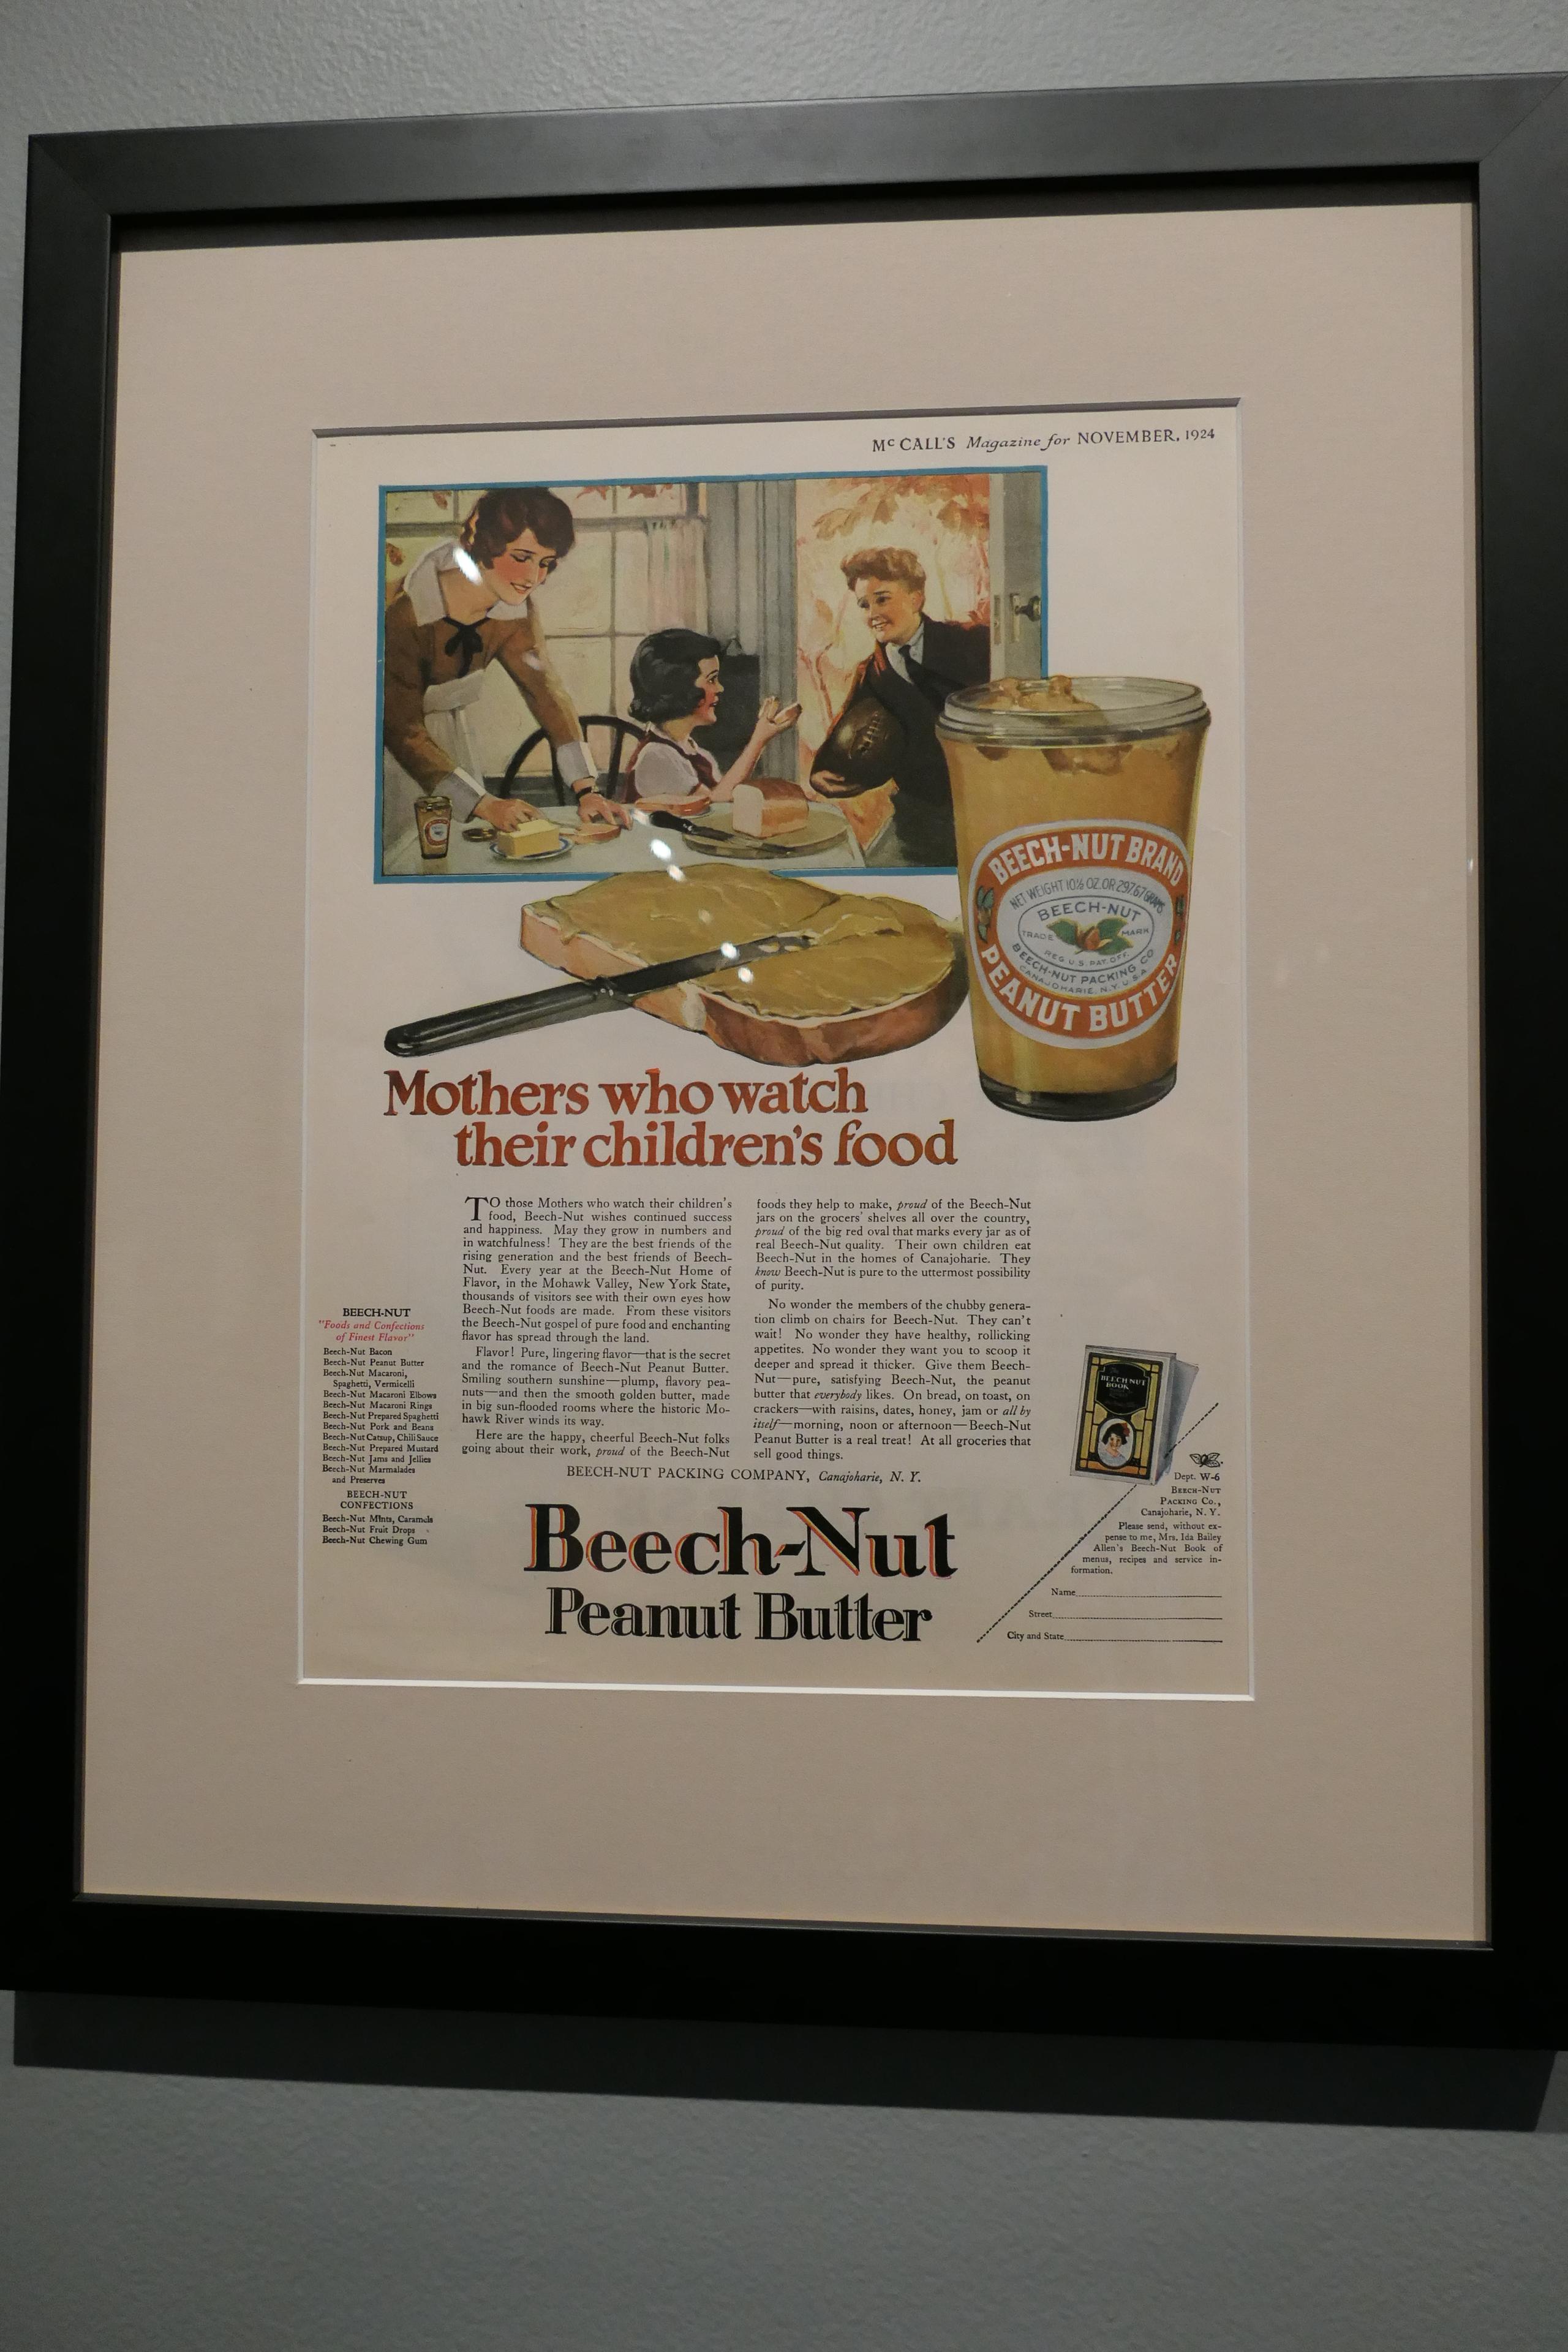 Beech-Nut Peanut Butter